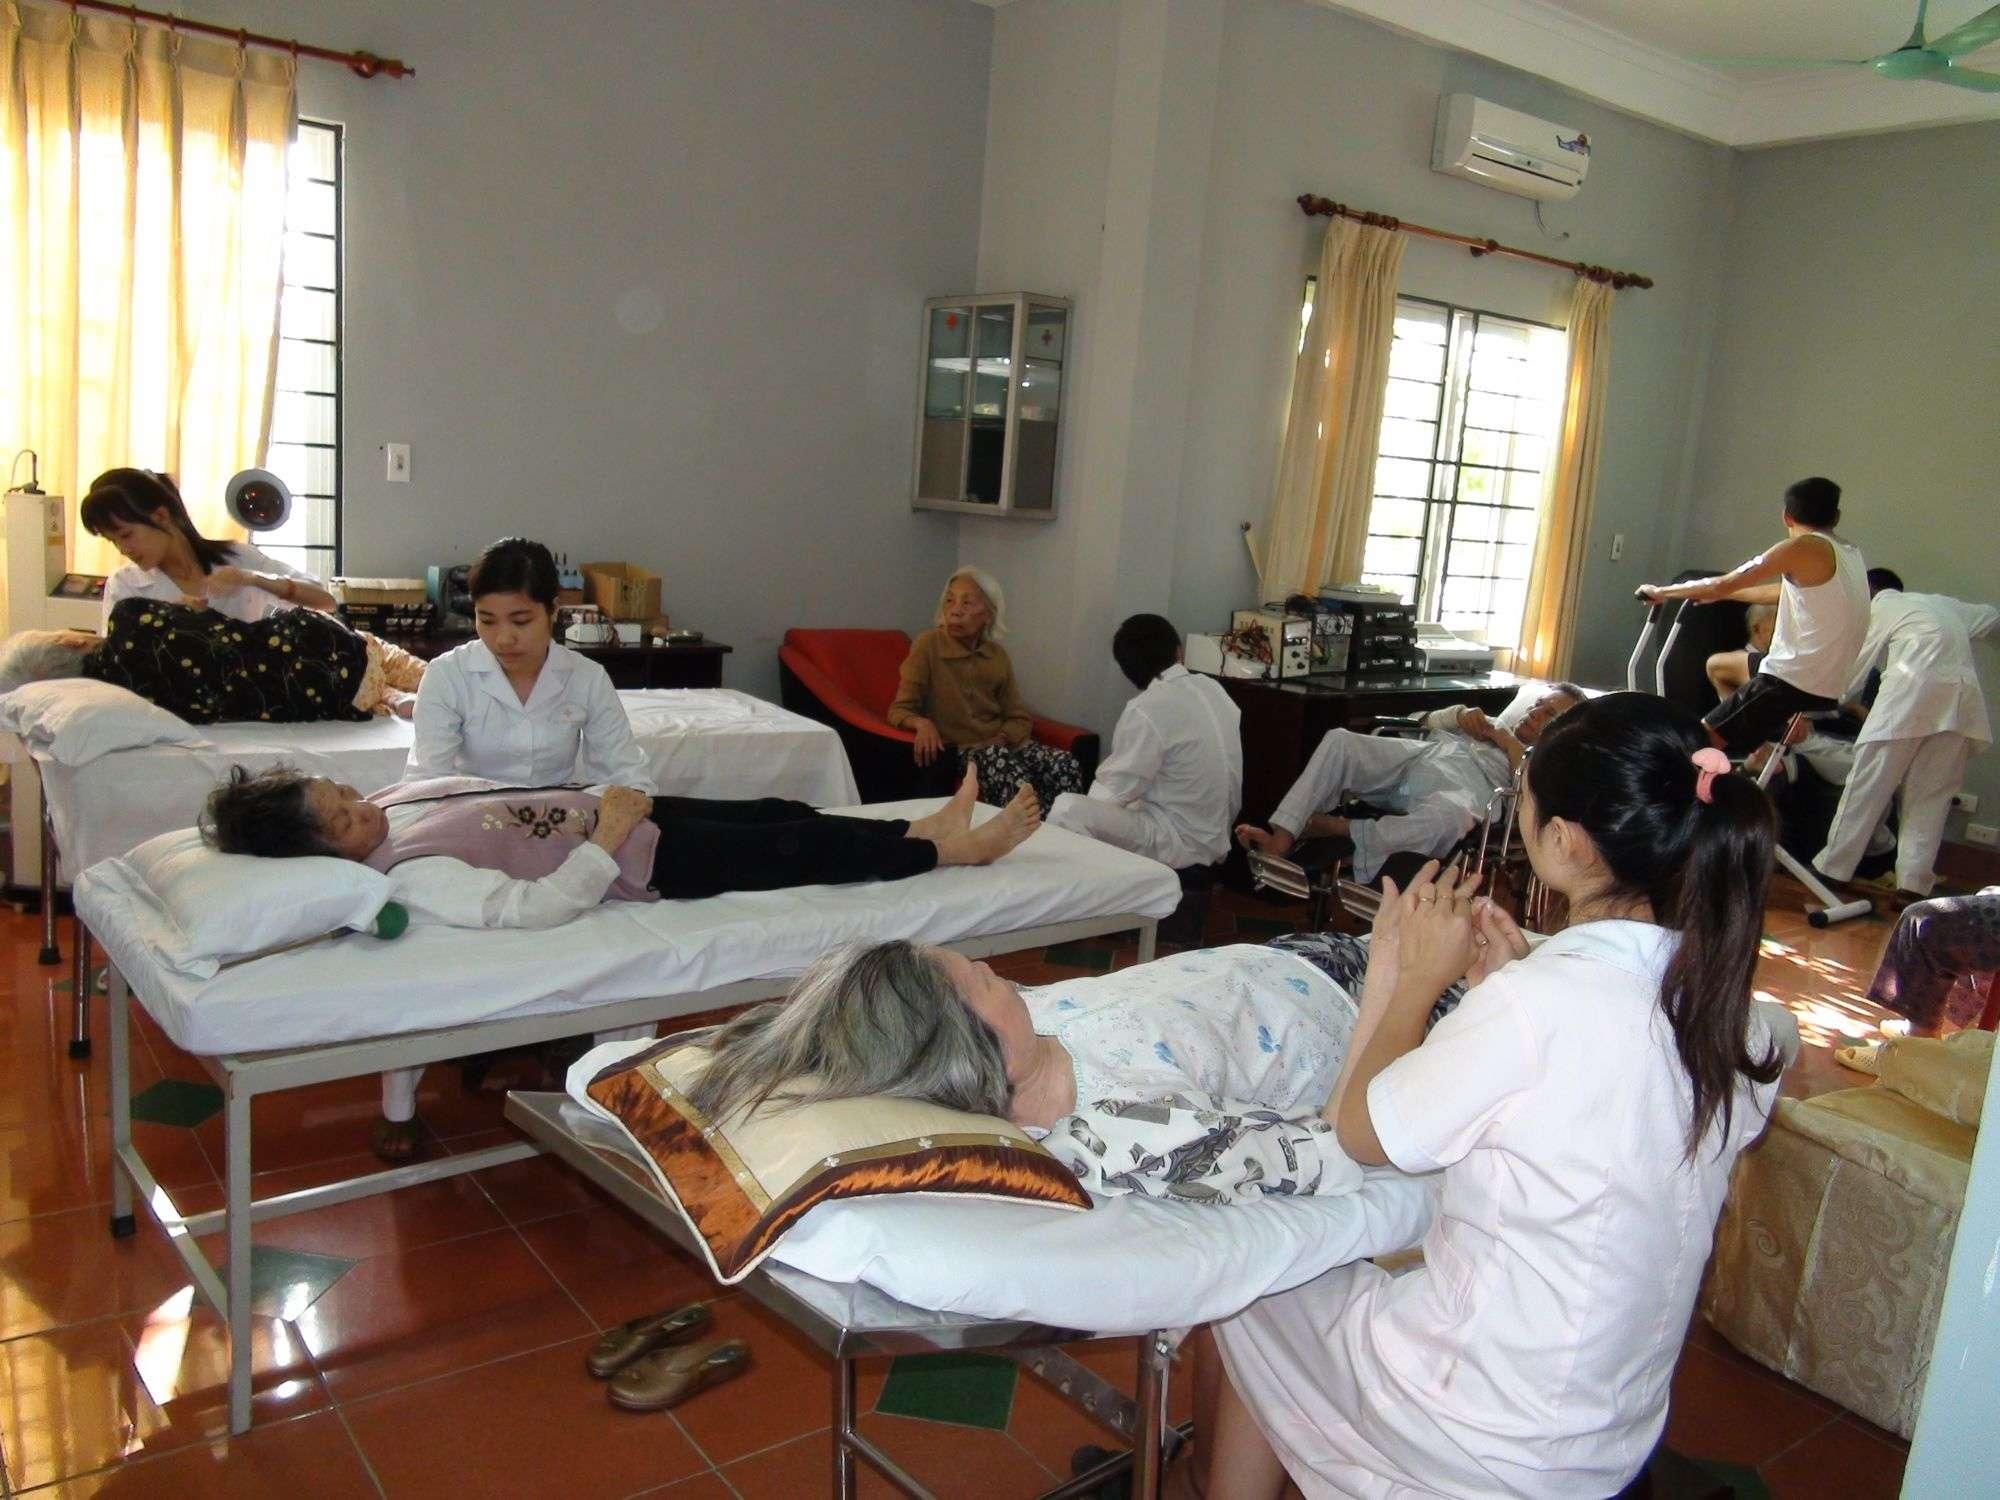 viện dưỡng lão cao cấp ở Hà Nội